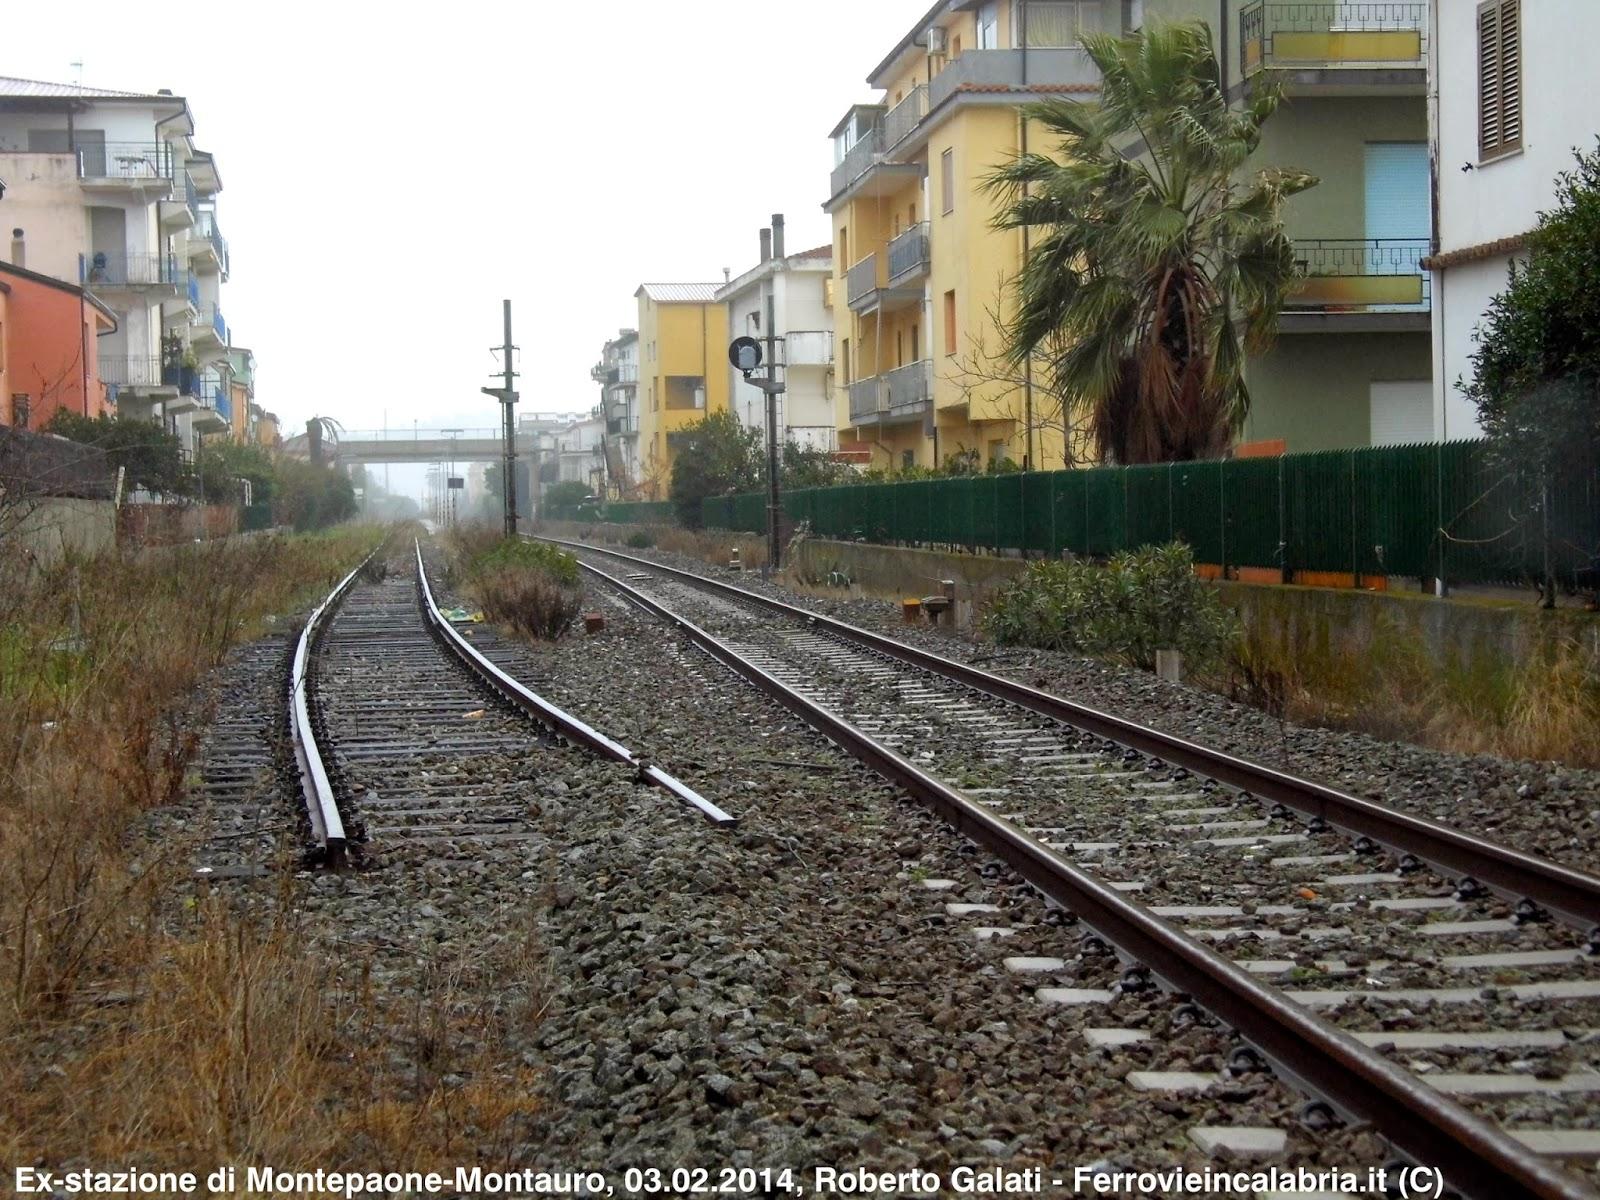 ex stazione di Montepaone-Montauro gi  trasformata in fermata negli scorsi anni. Impossibile effettuare incroci su un solo binario